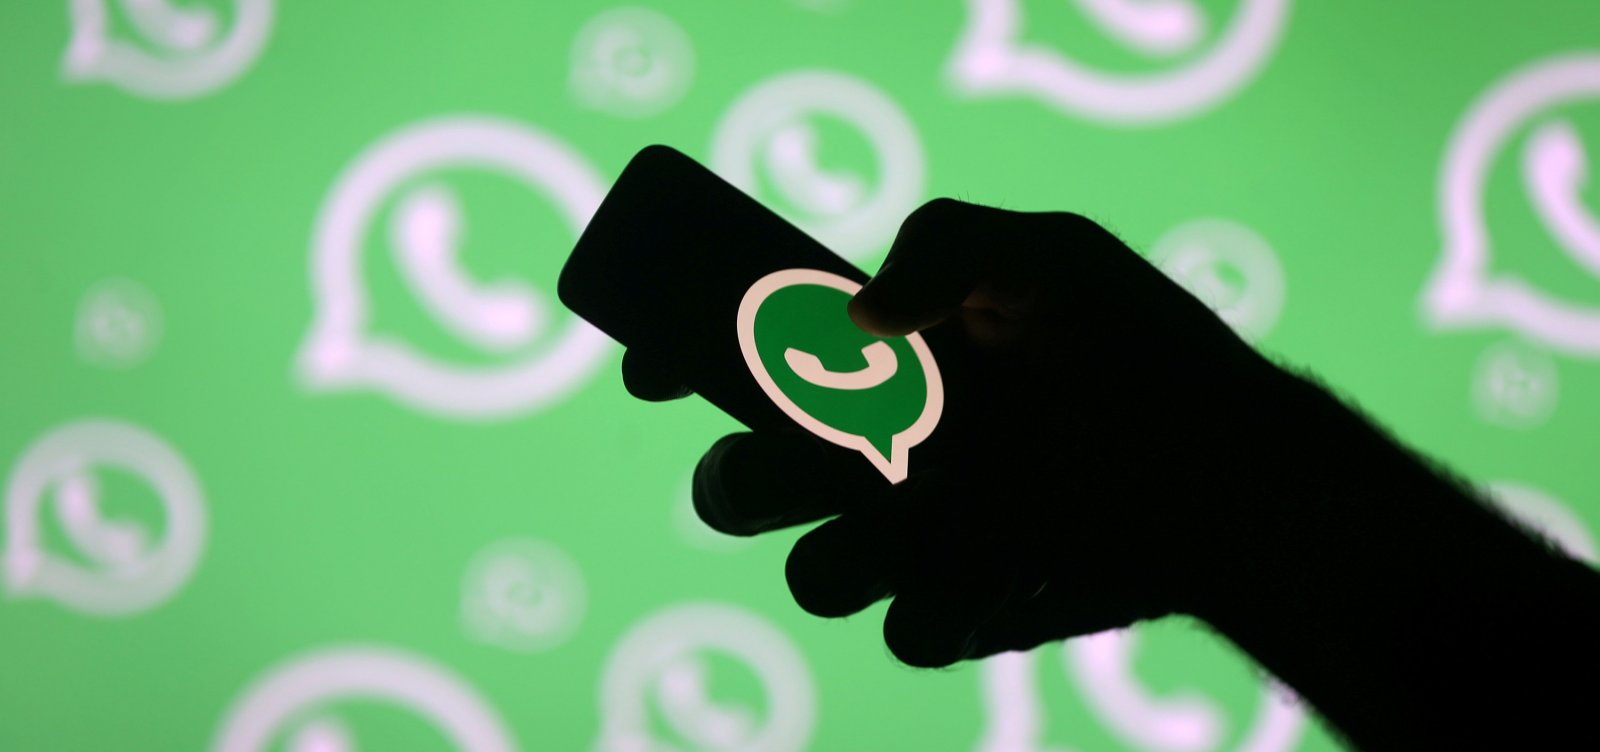 Marqueteiro do PSDB revela oferta para disparar mensagens no WhatsApp